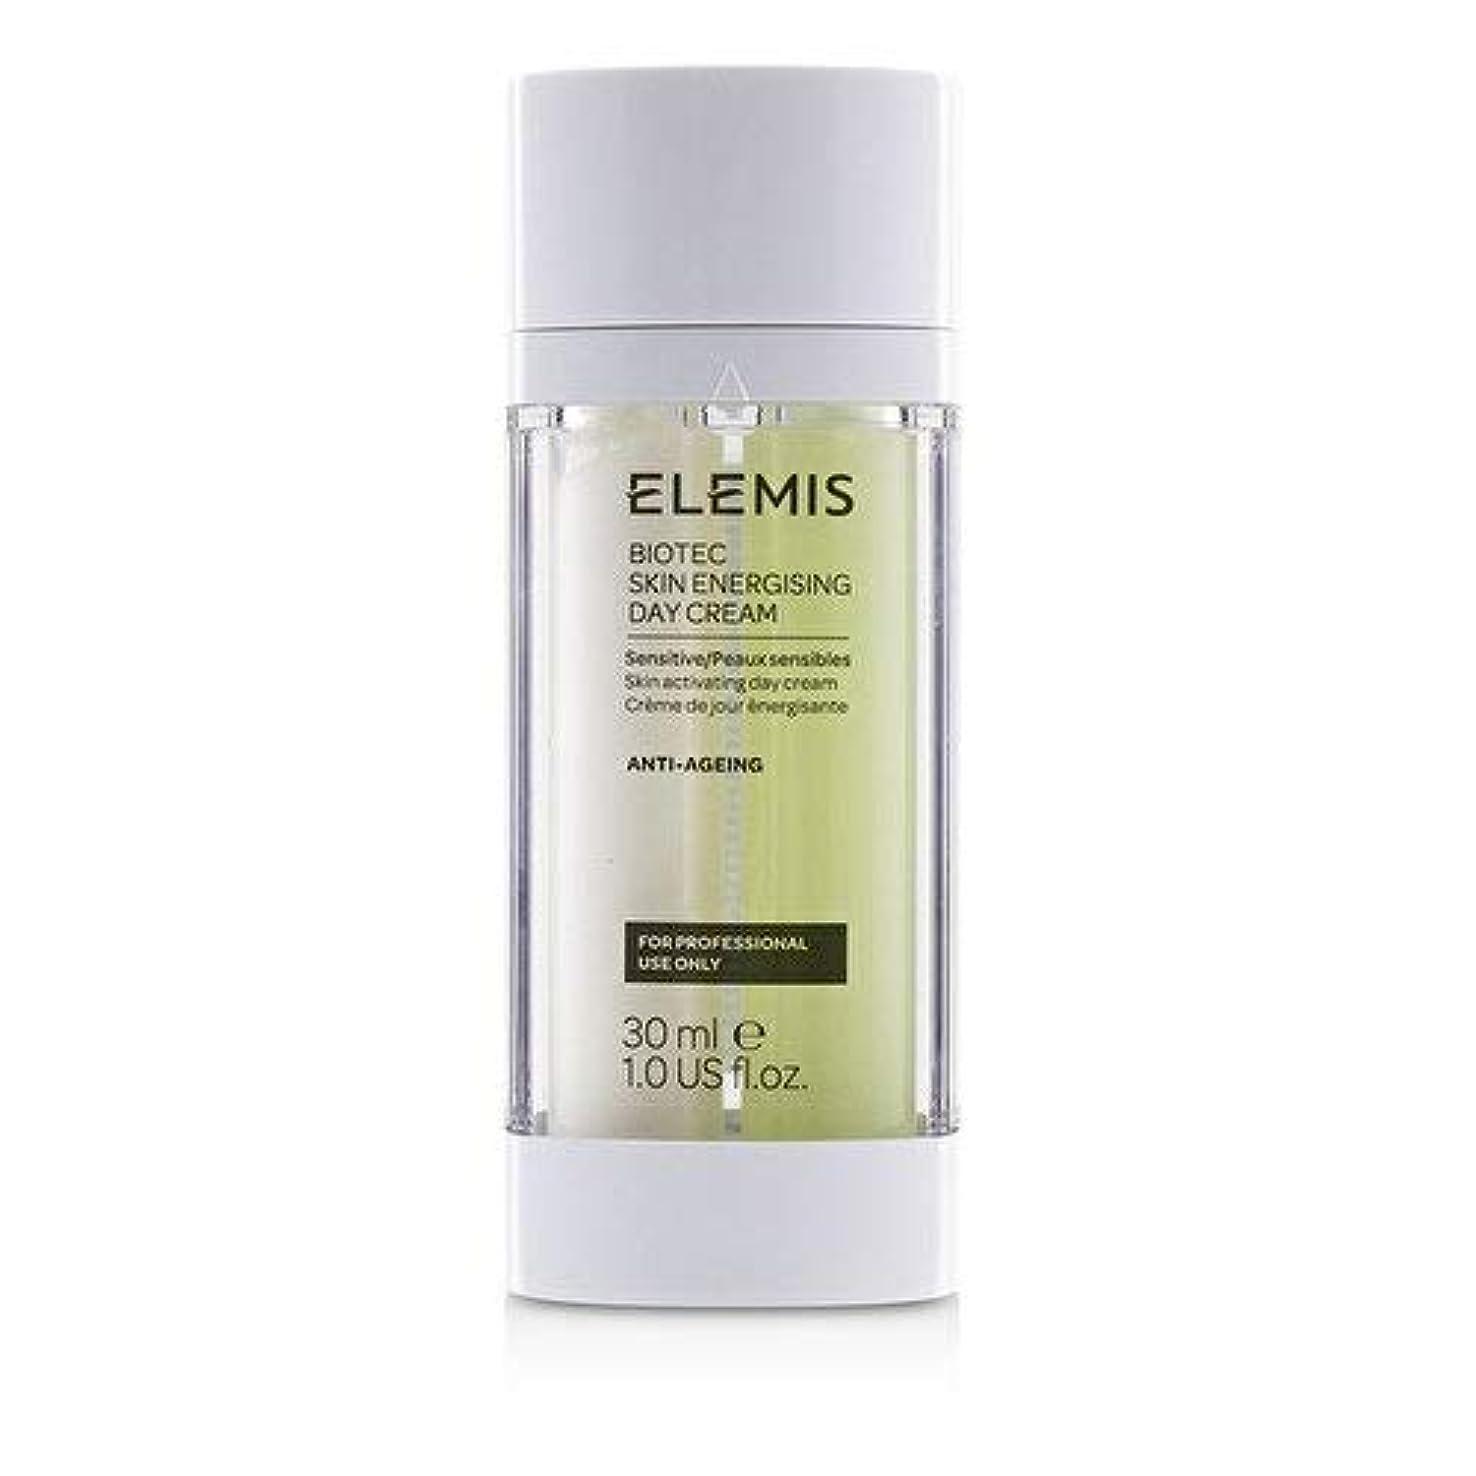 遅らせる自分の力ですべてをするバスルームエレミス BIOTEC Skin Energising Day Cream - Sensitive (Salon Product) 30ml/1oz並行輸入品